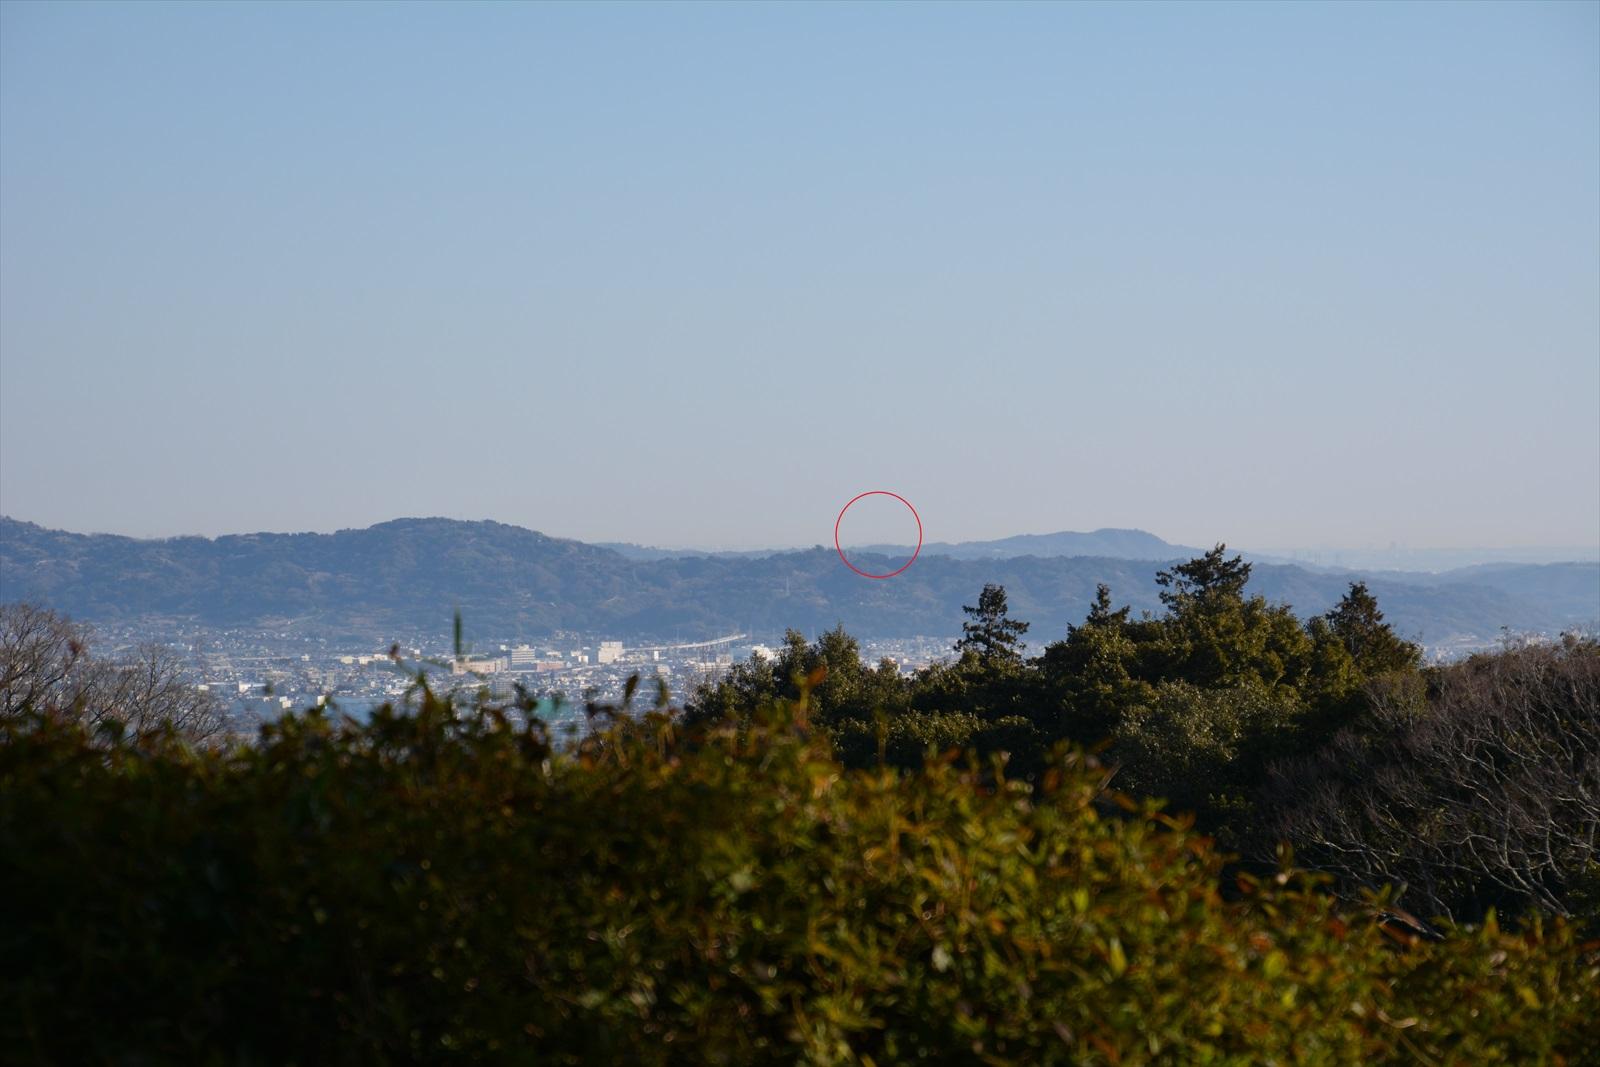 石垣山一夜城から見たスカイツリー2